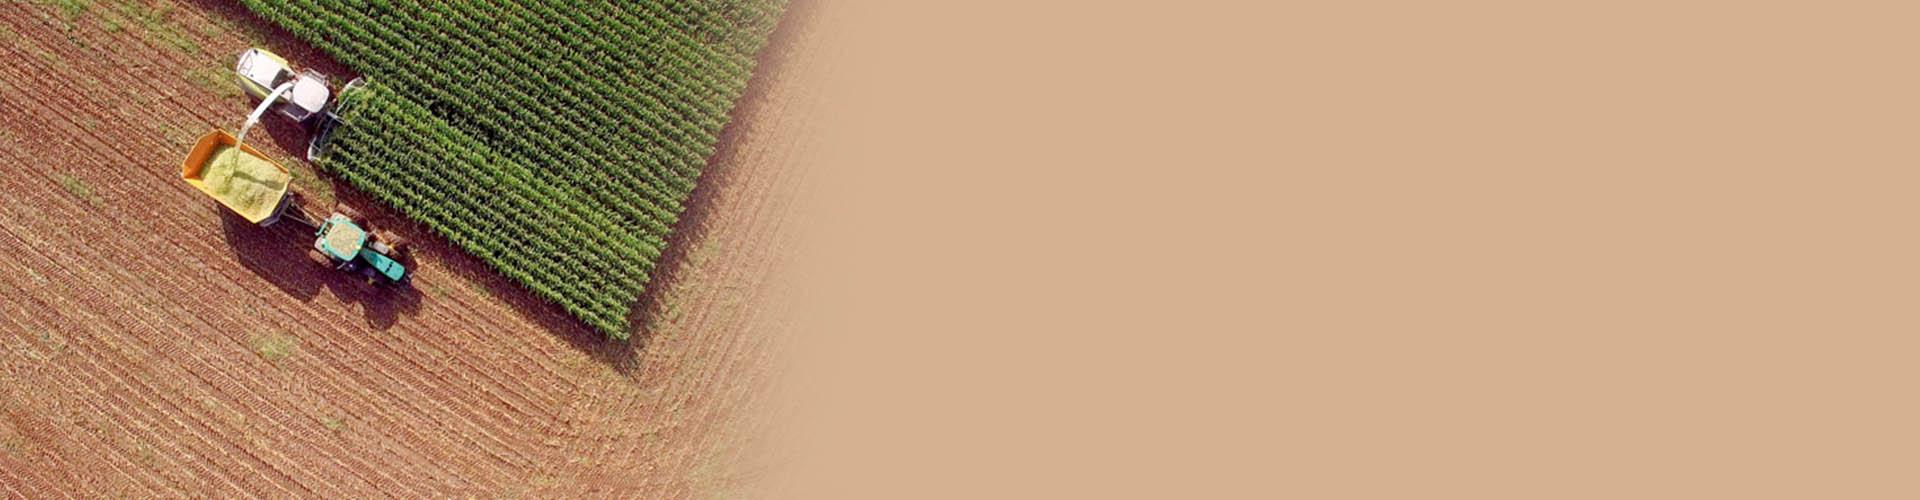 illu_slider-agriculteur-credit-campagne.jpg